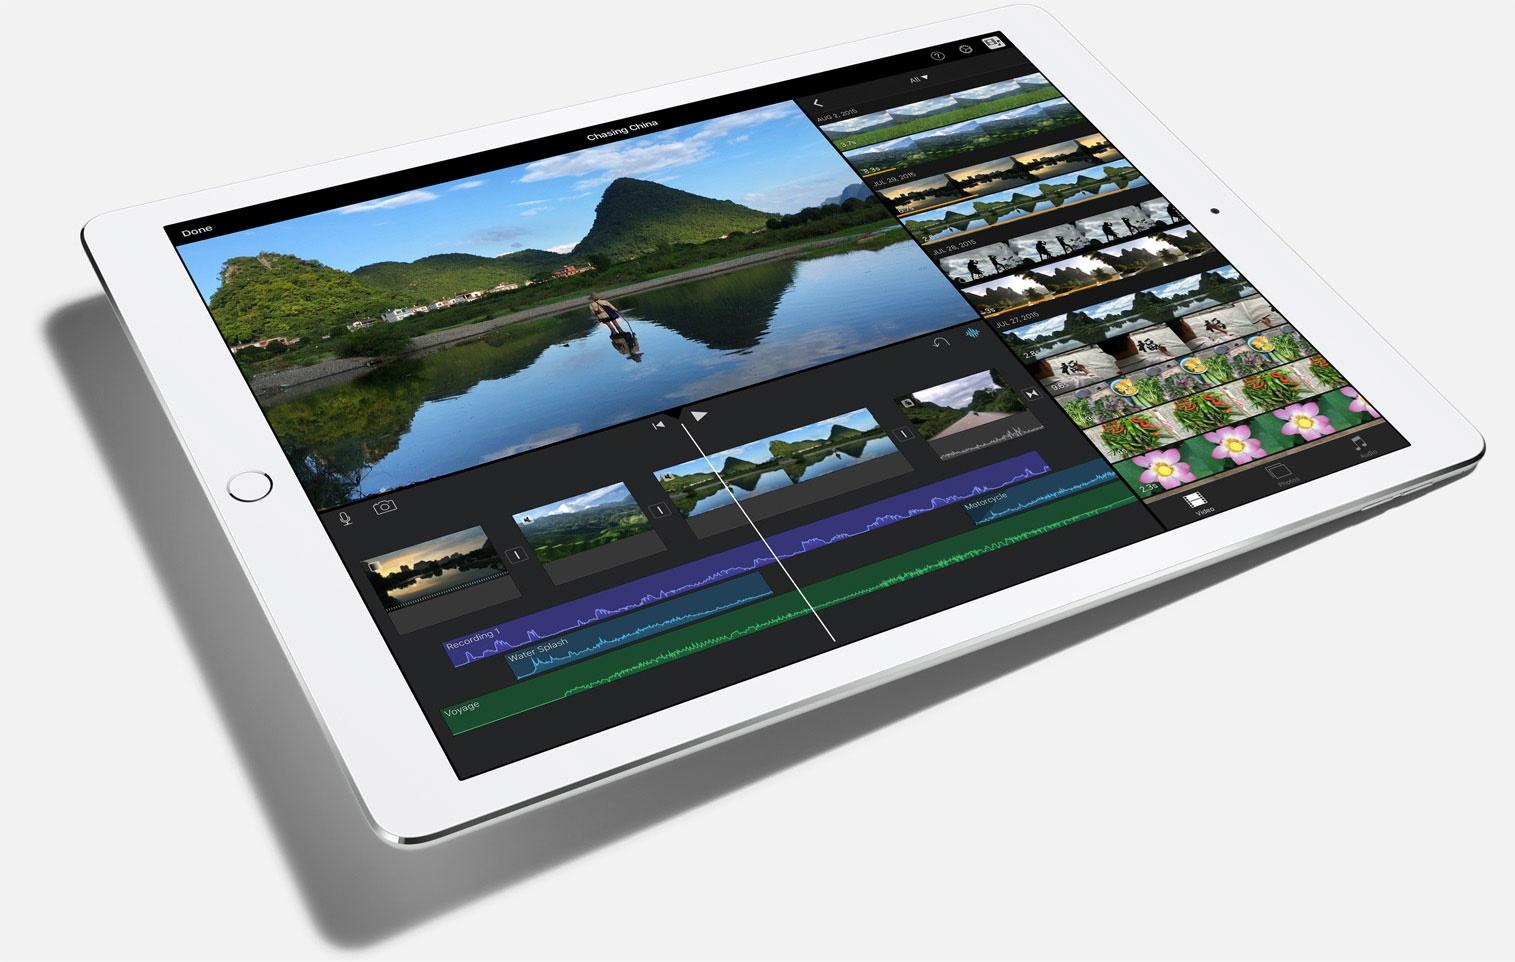 تبلت جدید اپل چه ویژگیهایی دارد؟/همکاری لاجیتک با اپل در ساخت کیبورد آی پد پرو تبلت جدید اپل چه ویژگیهایی دارد؟/همکاری لاجیتک با اپل در ساخت کیبورد آی پد پرو 15 9 10 105834bigger app imovie large